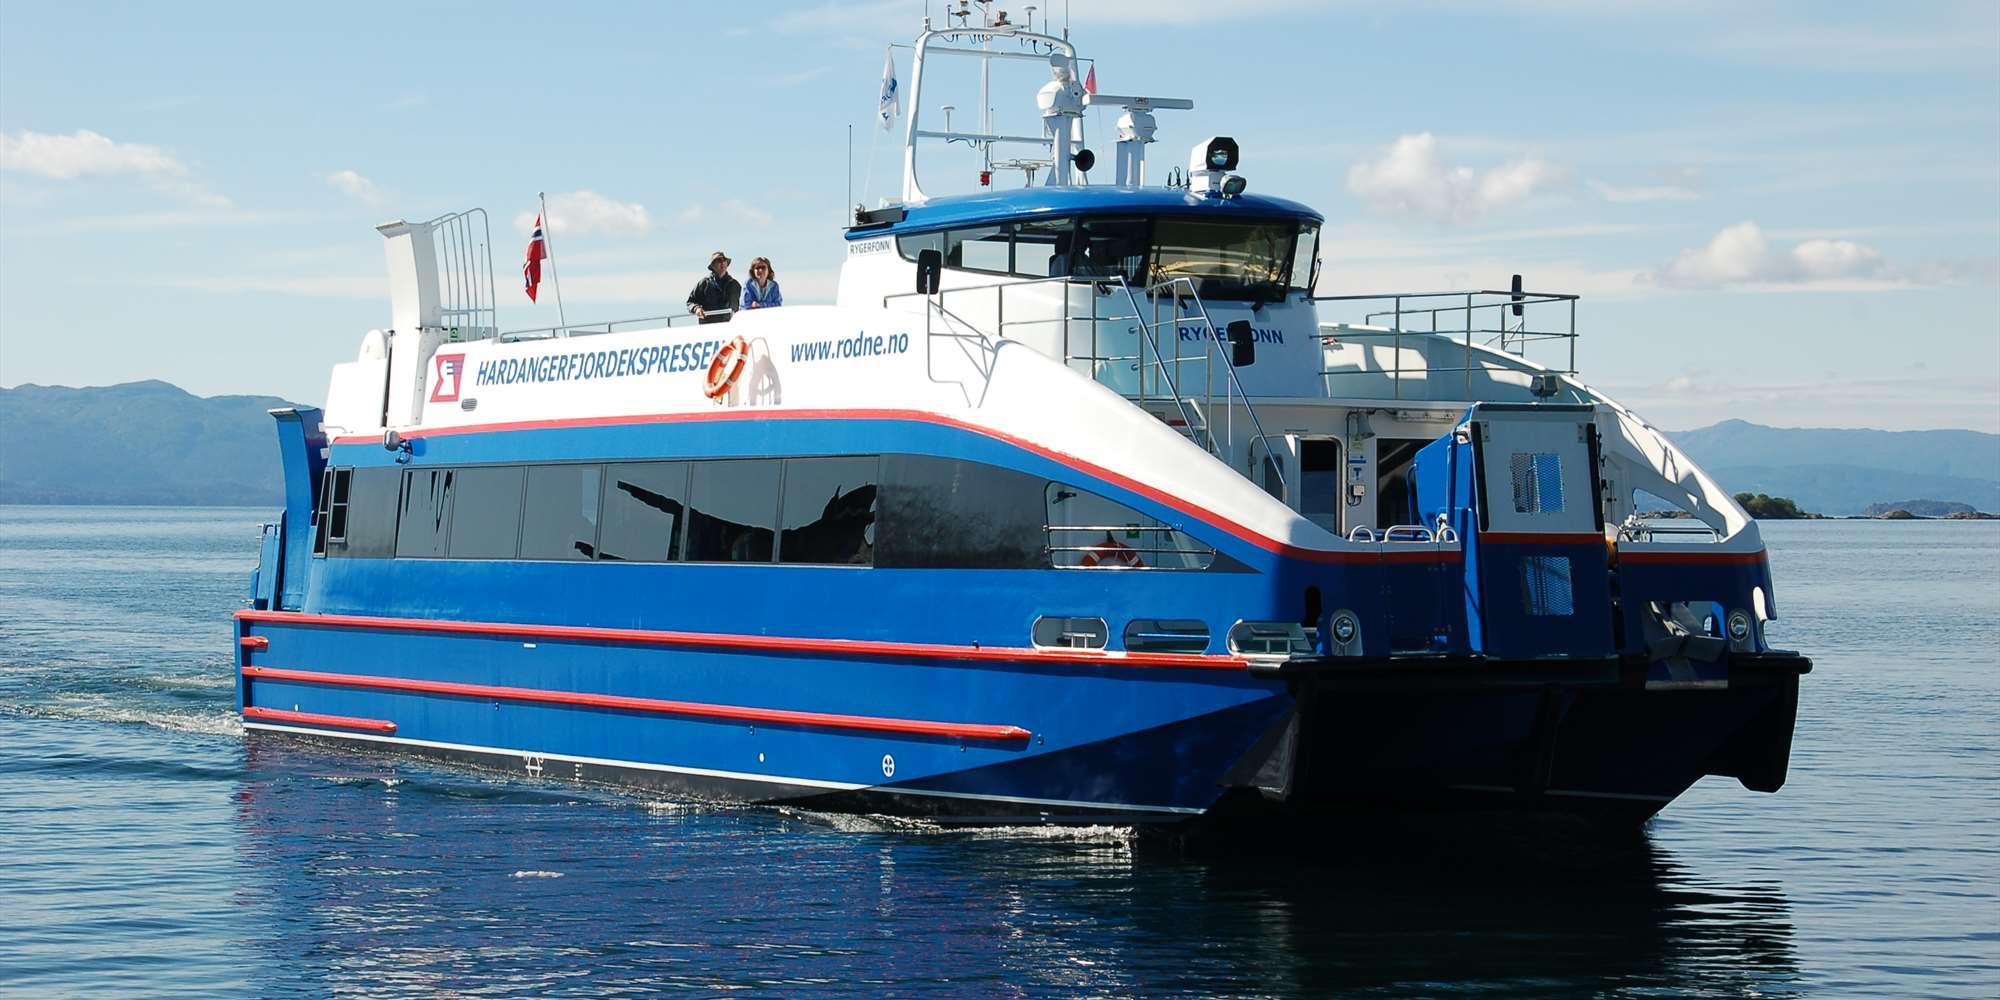 Boat Bergen - Rosendal